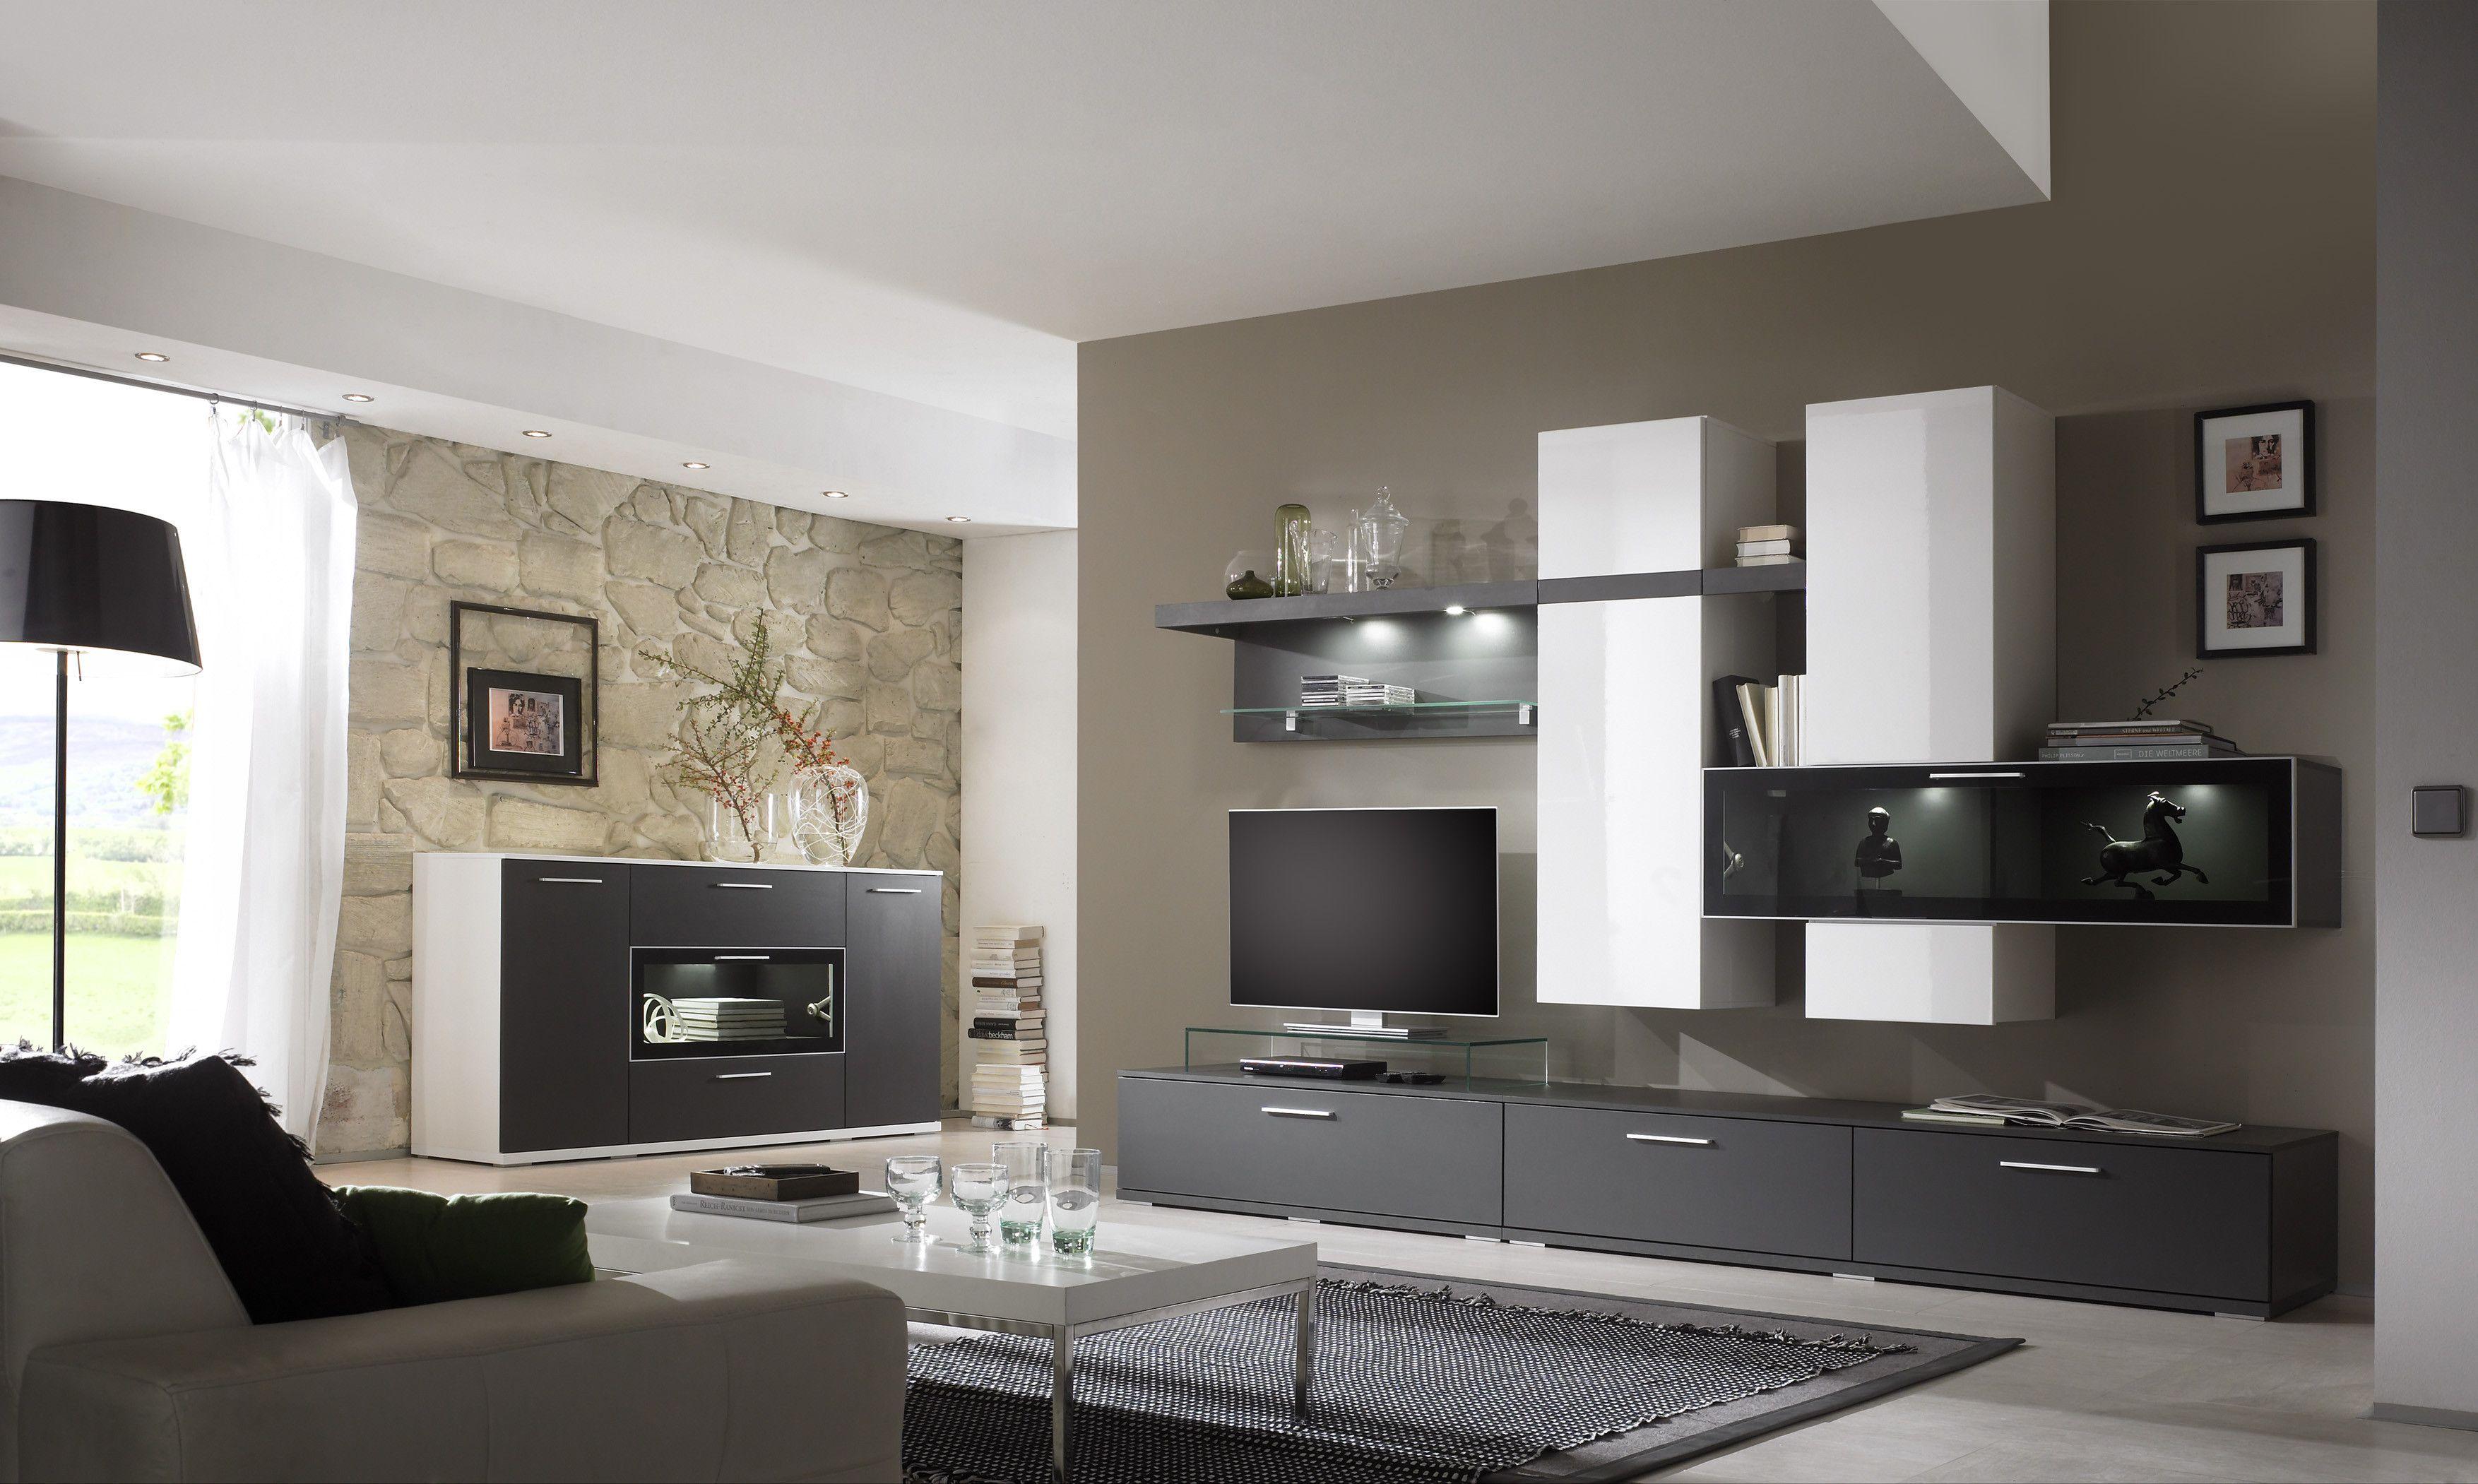 moderne wohnzimmer braun | Wohnzimmer braun, moderne Wohnzimmer und ...